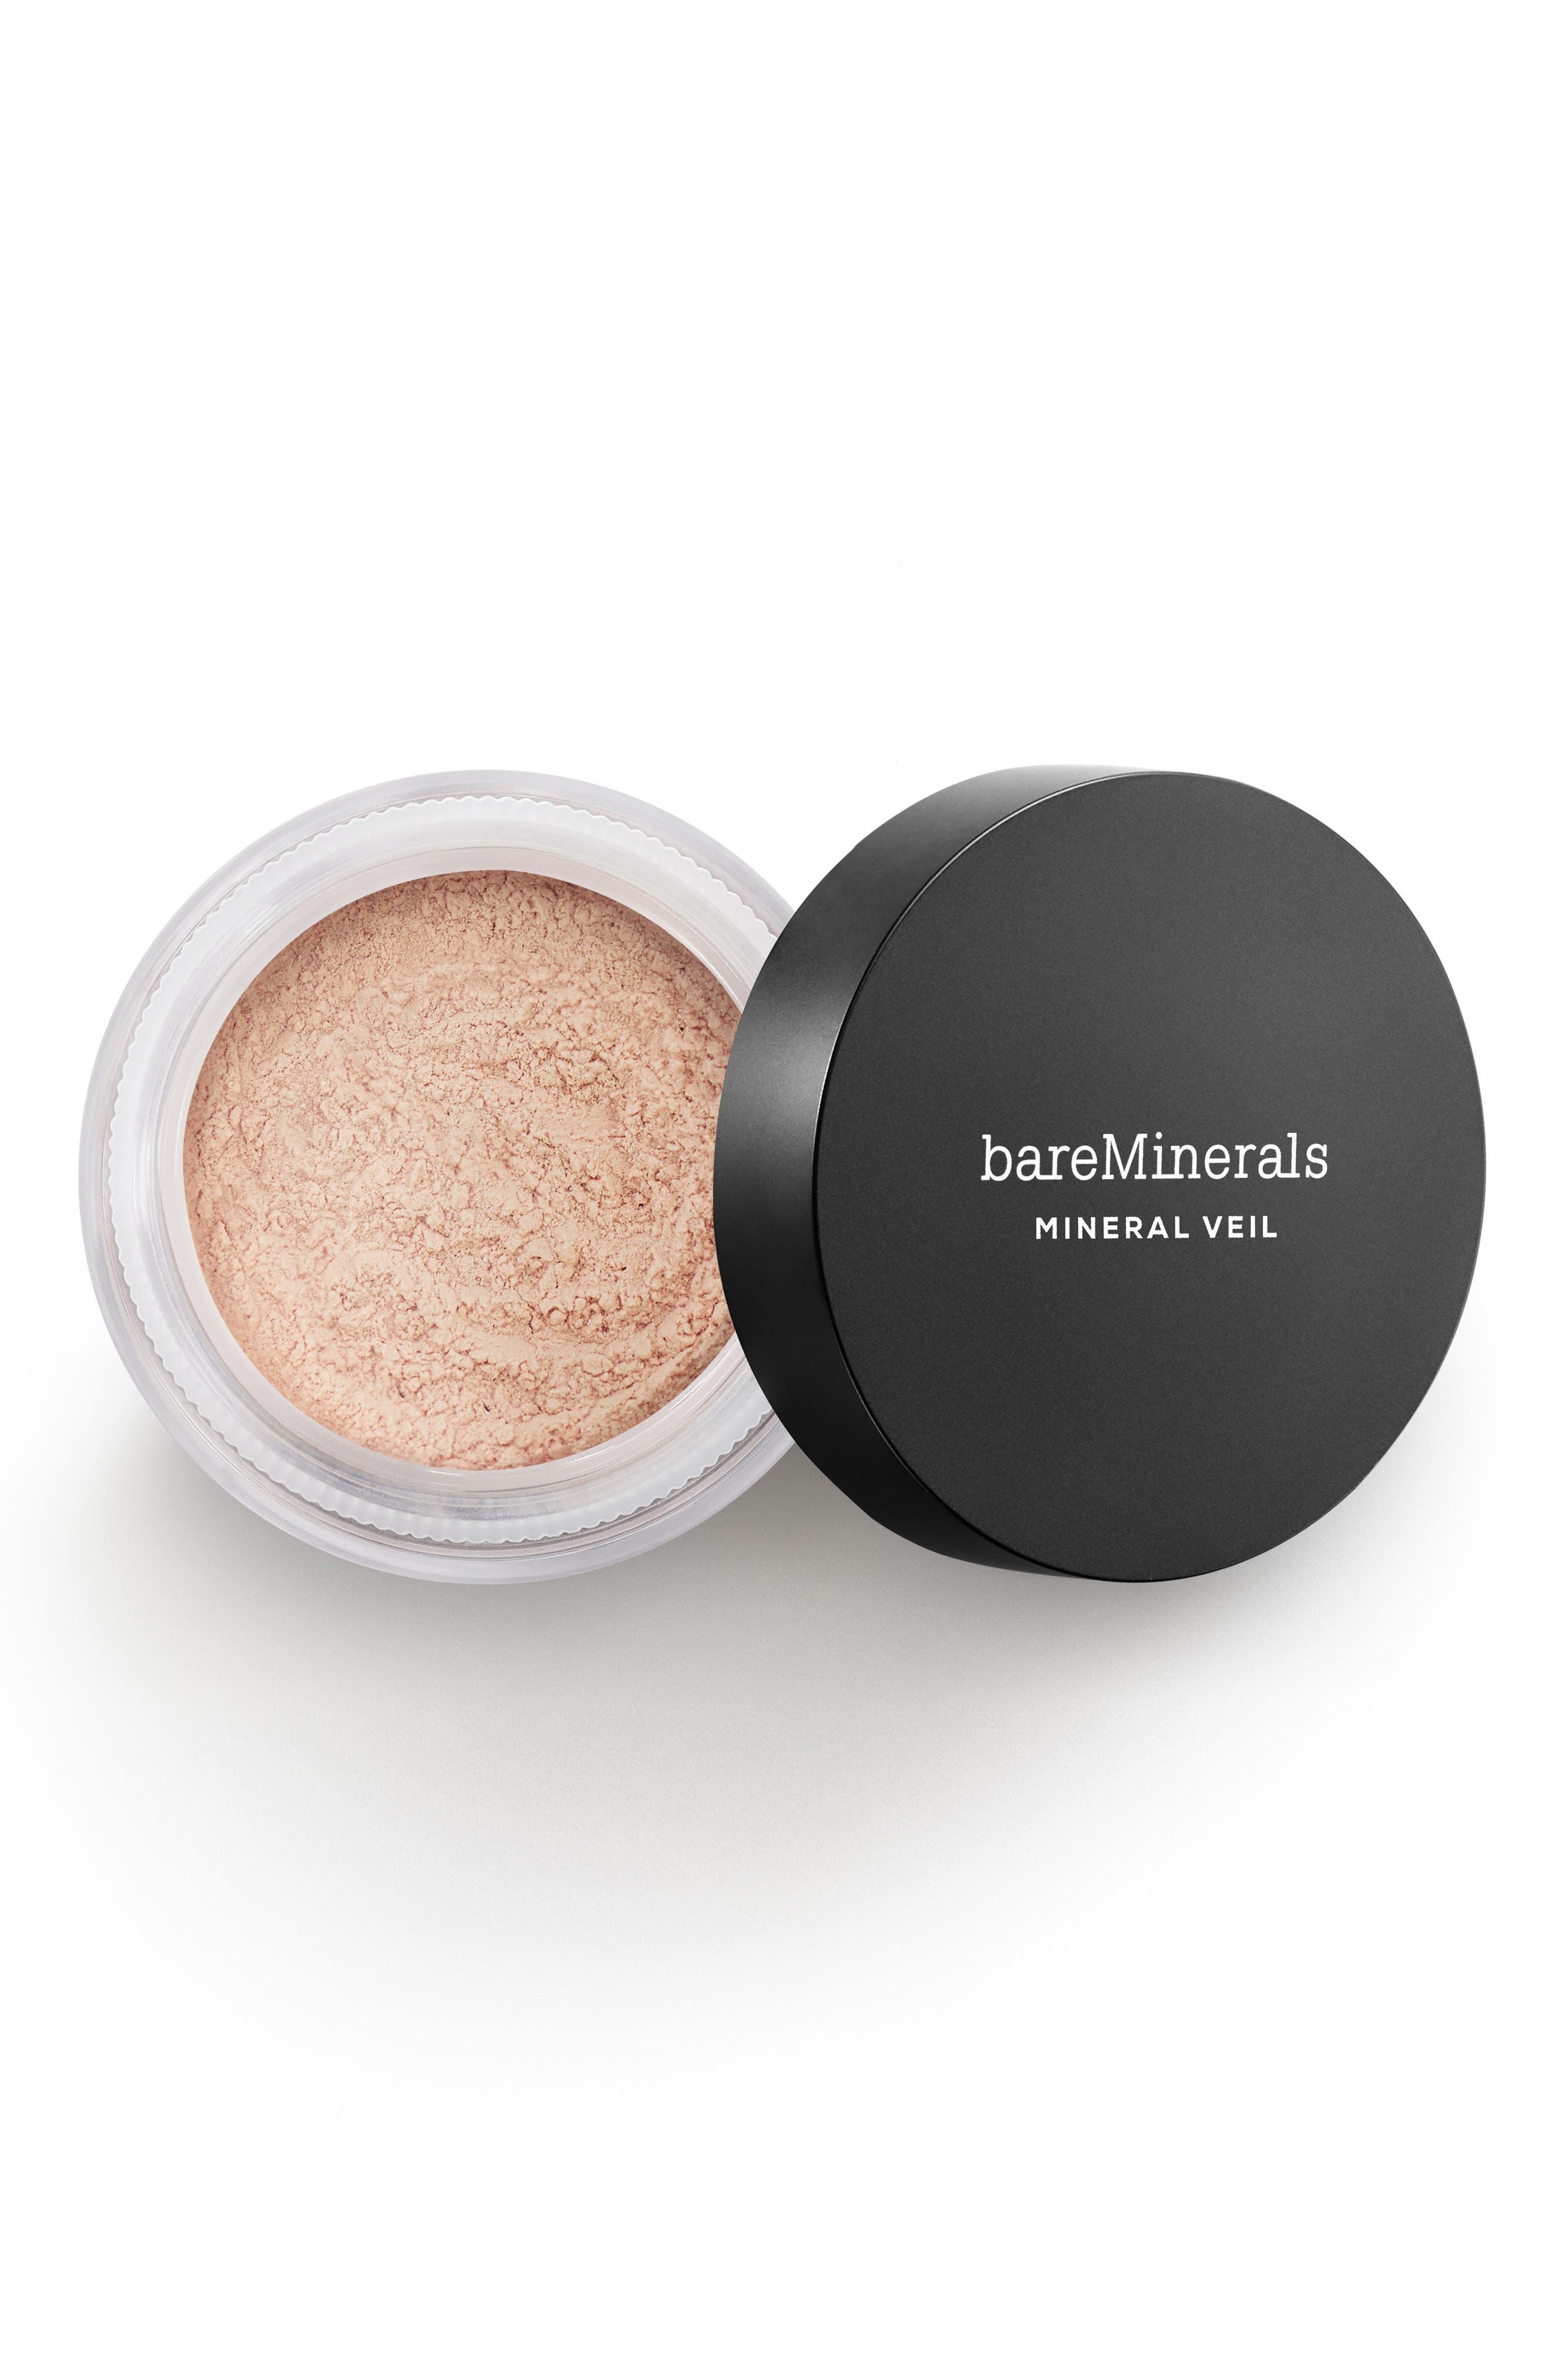 Bareminerals Mini Original Mineral Veil Setting Powder